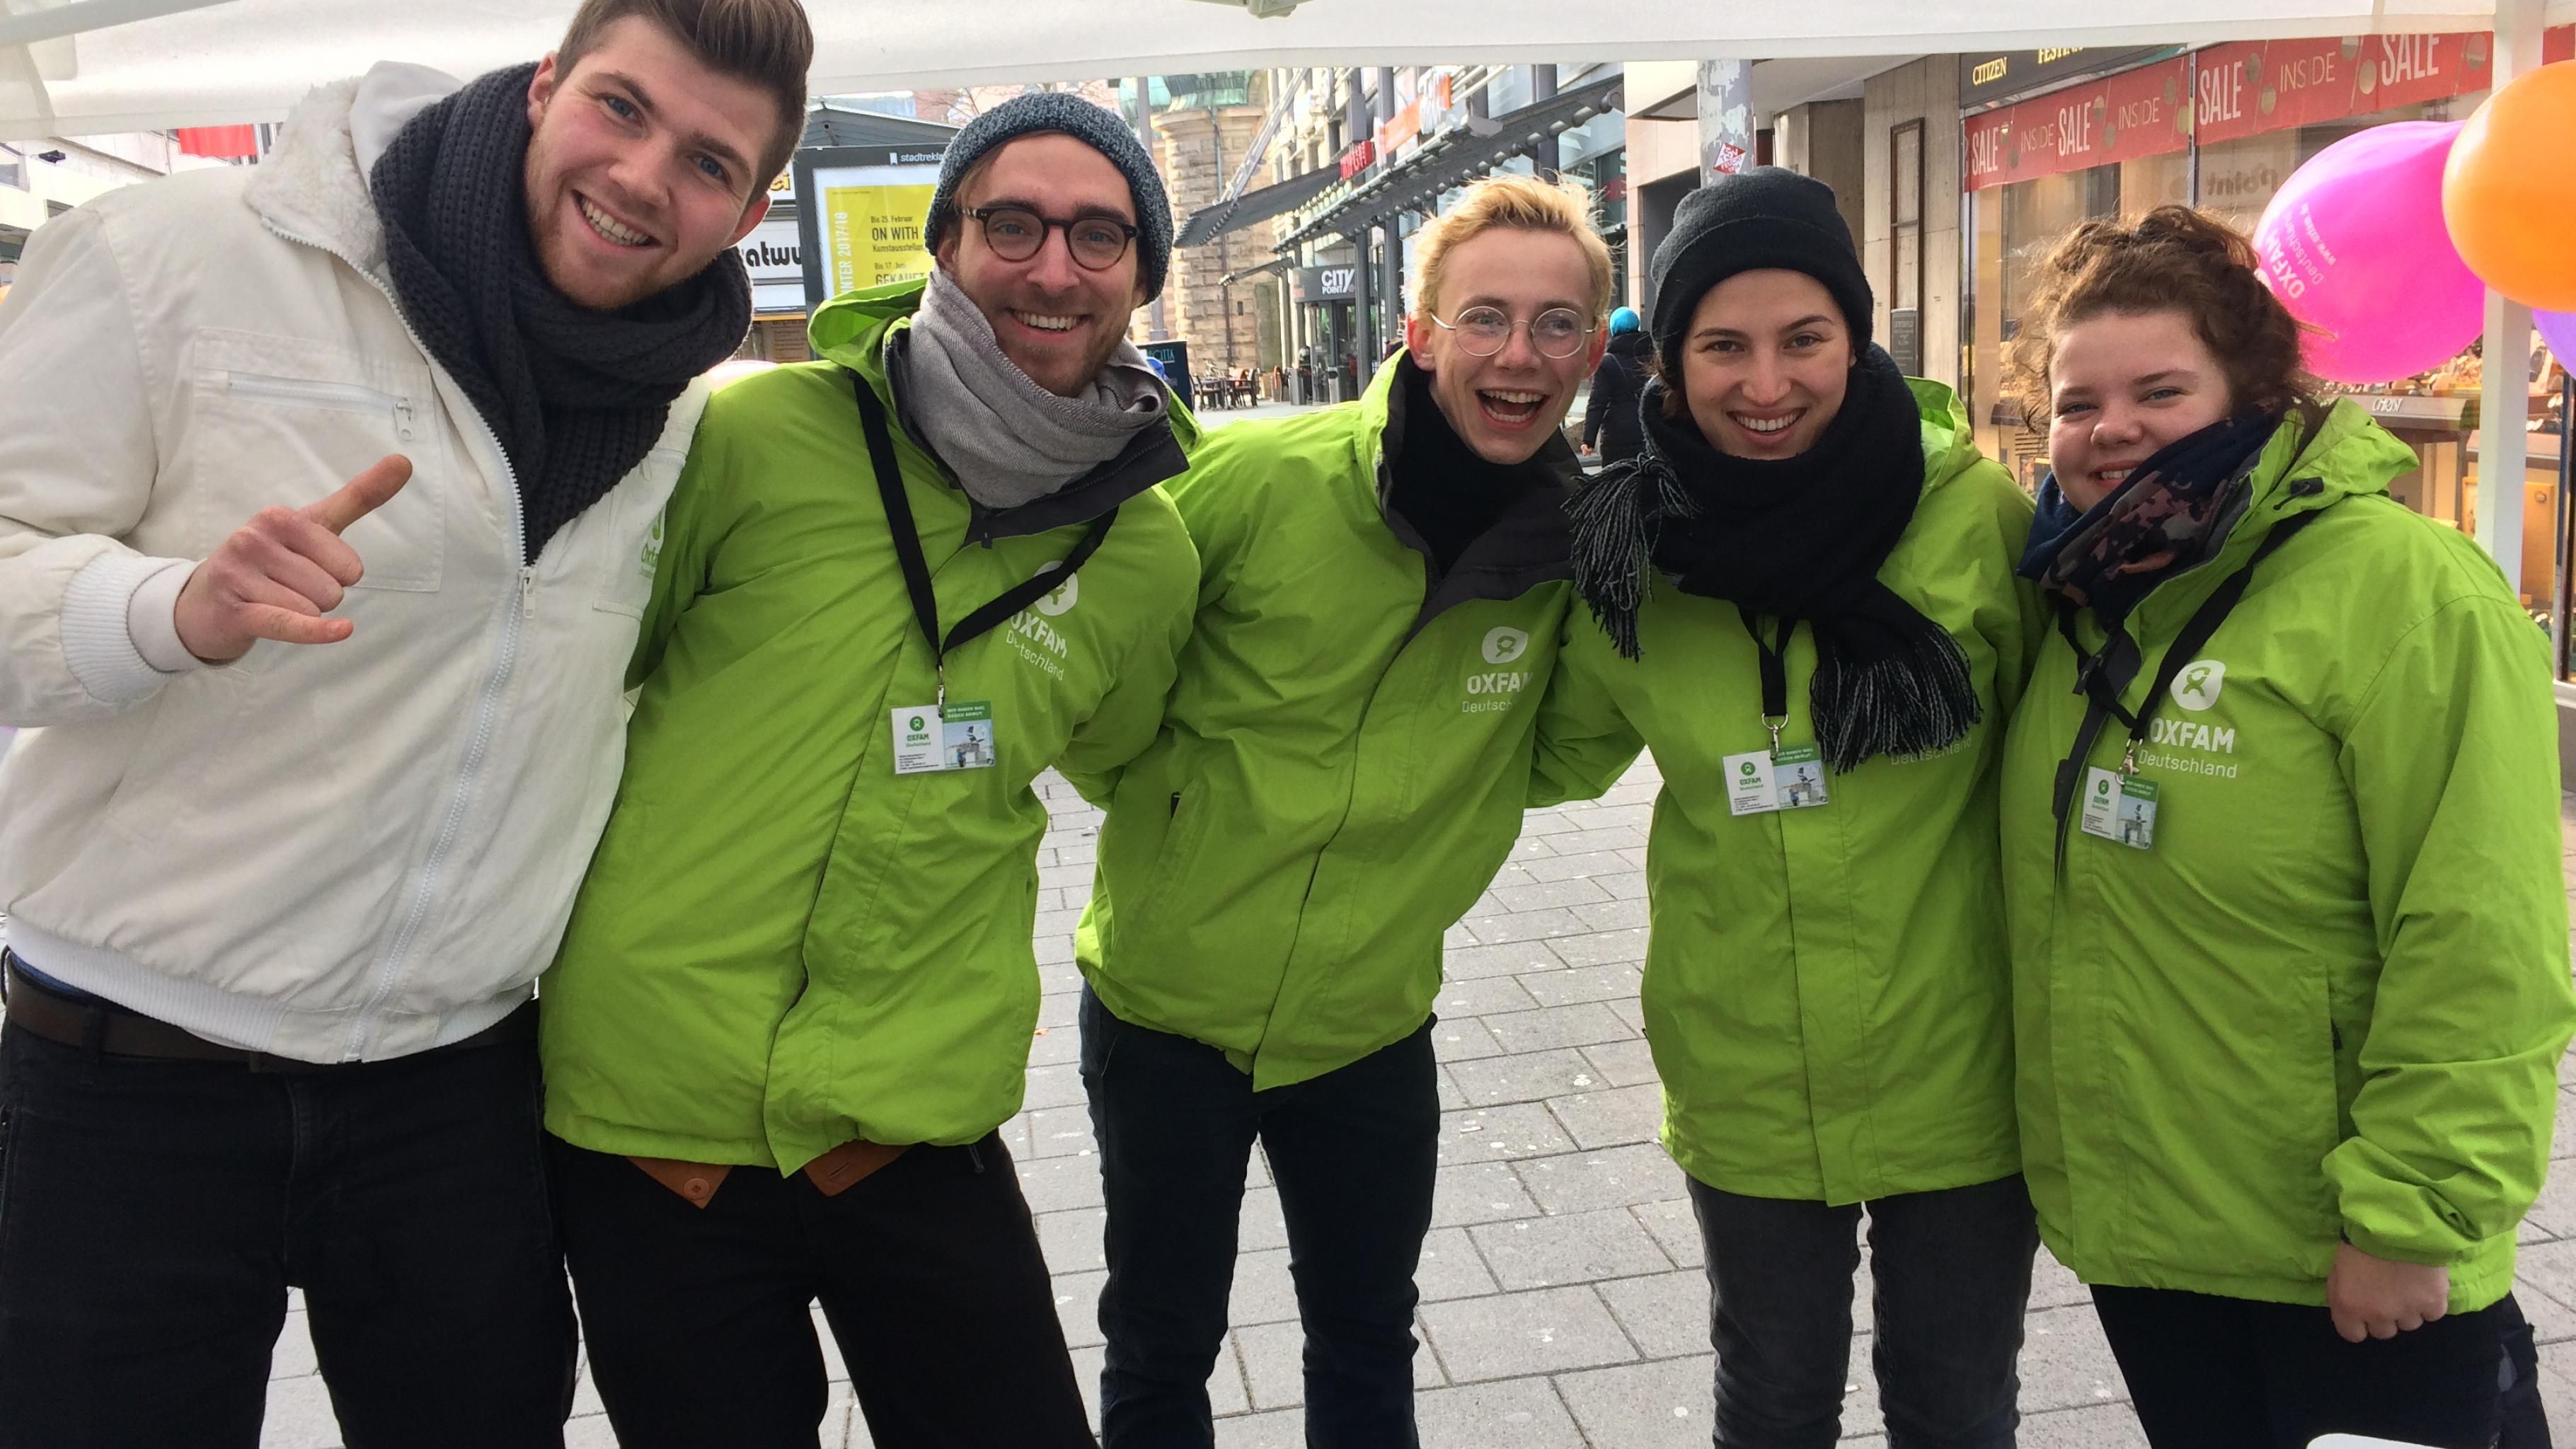 Oxfams Dialoger auf der Straße